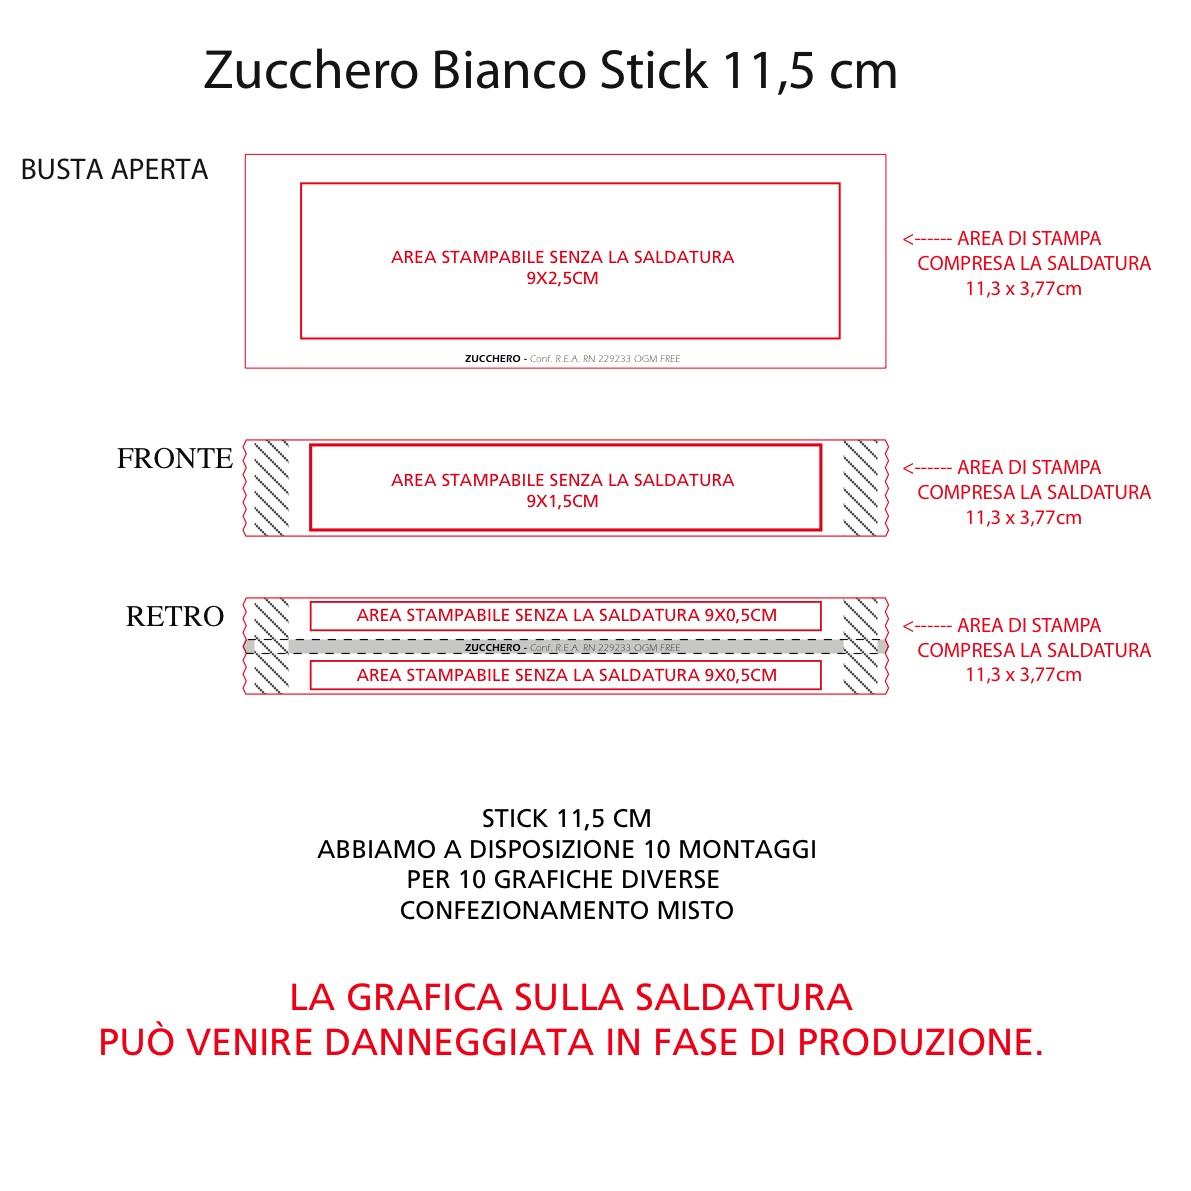 stick 11,5 cm bianco